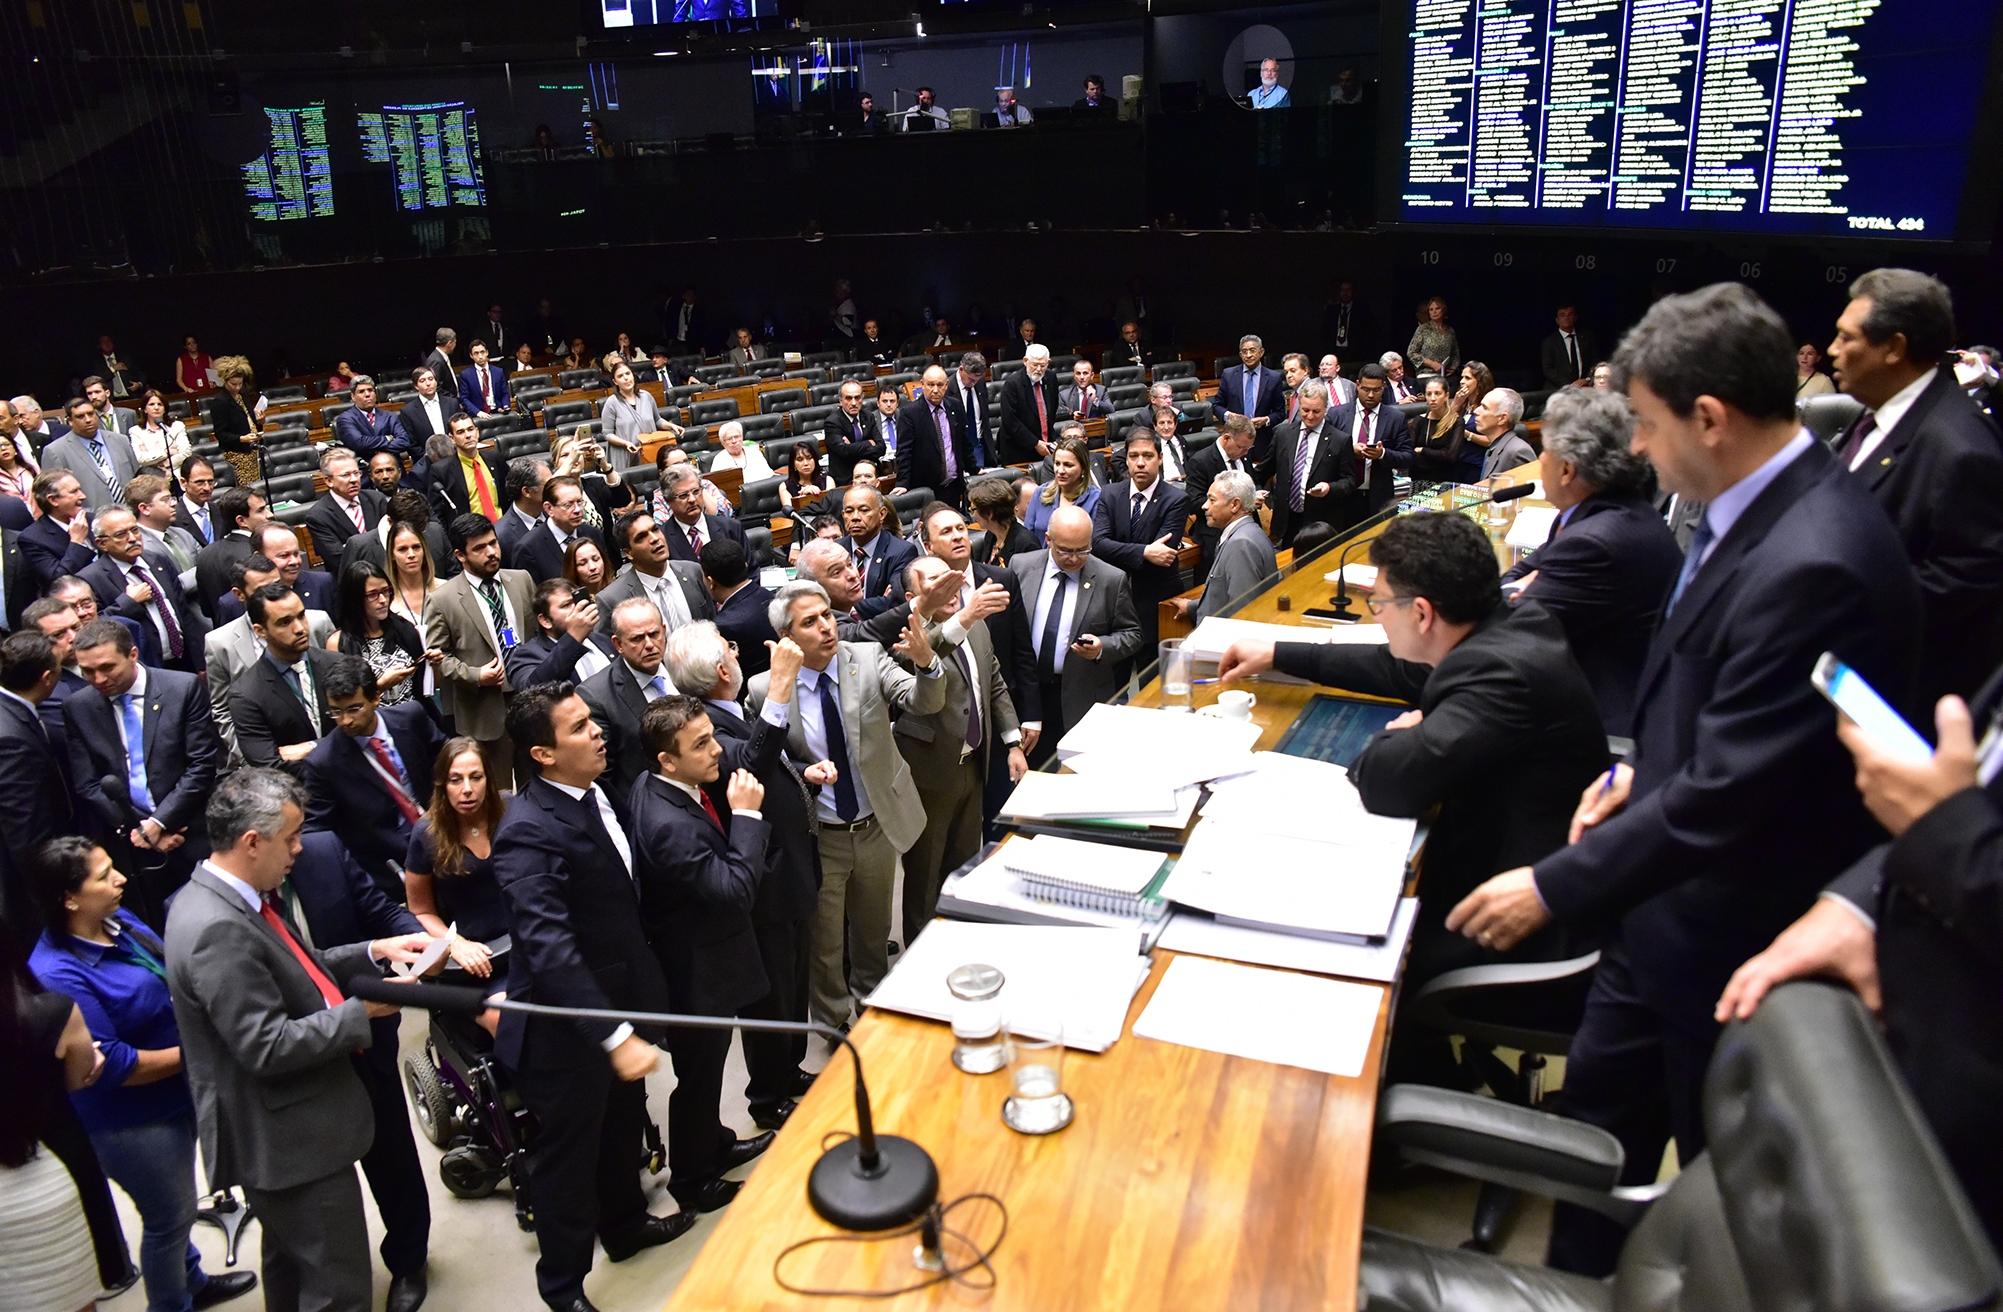 Houve embate entre os deputados - Zeca Ribeiro/Câmara dos Deputados/ND